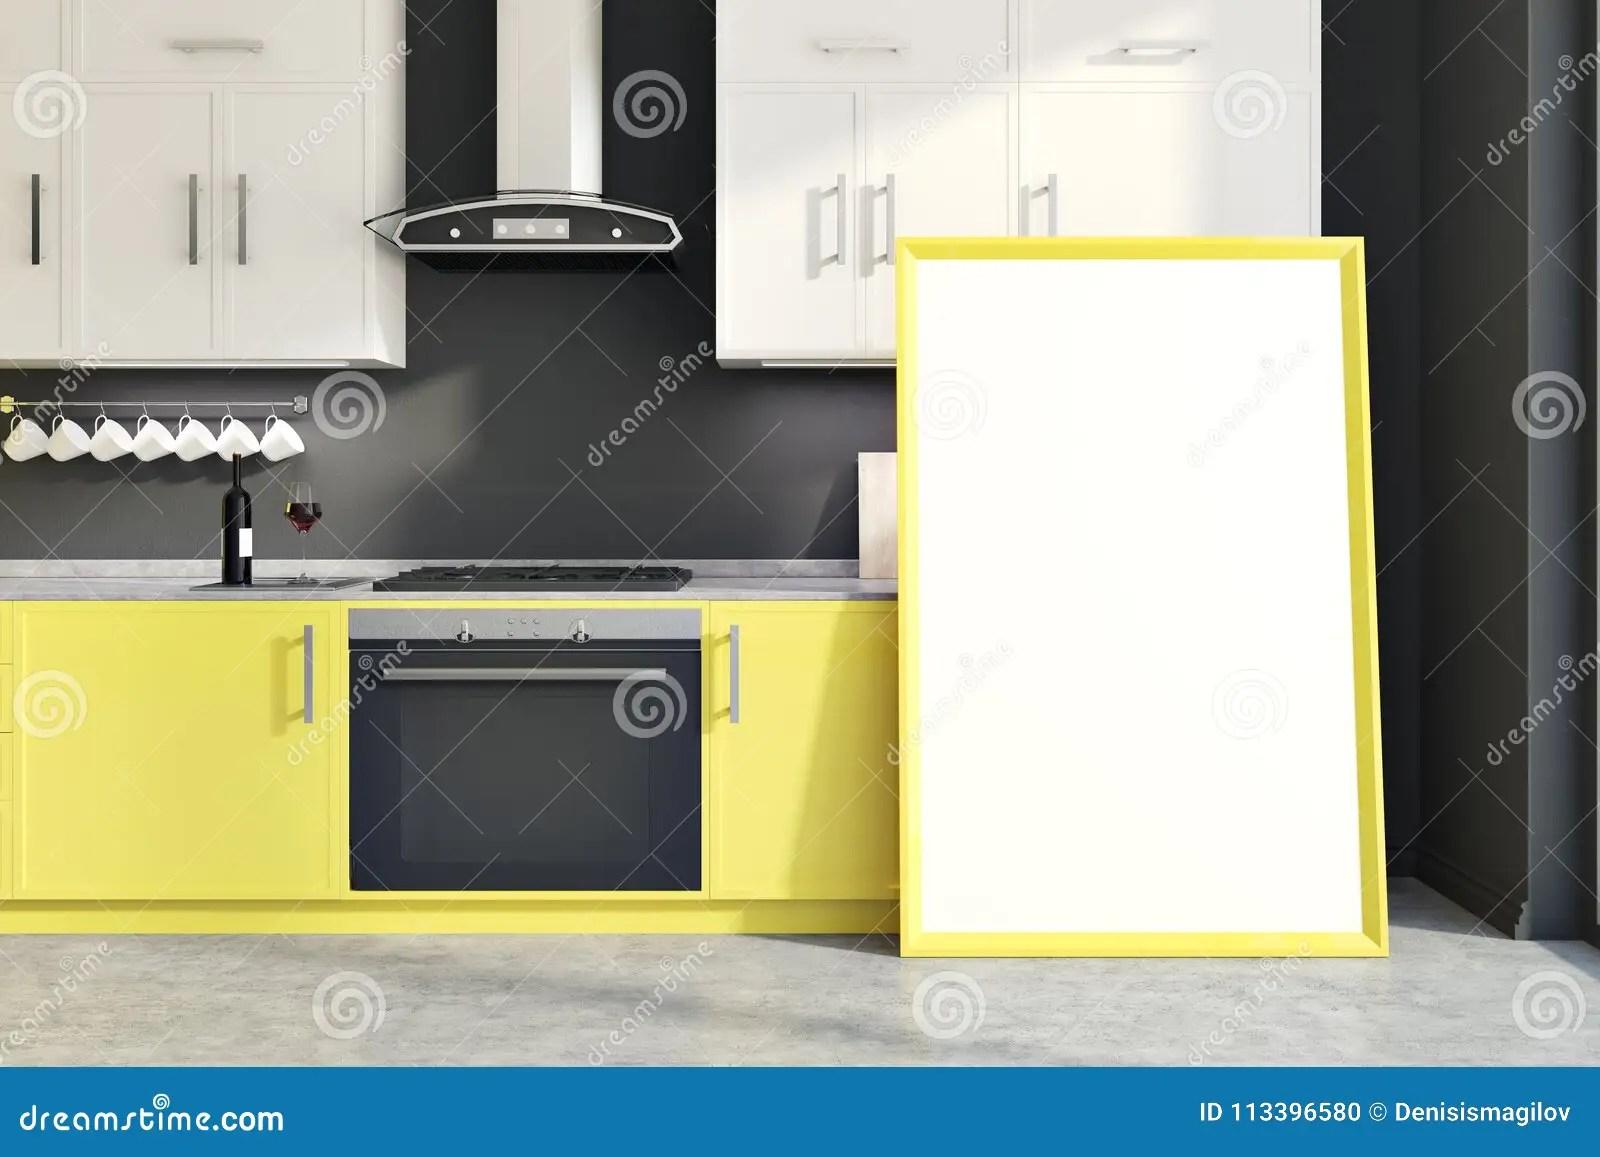 kitchen decor yellow hutch plans 灰色墙壁厨房黄色柜台 垂直的海报库存例证 插画包括有方便 装饰 国内 与黄色和白色柜台 碗柜 水槽和烹饪器材的灰色墙壁厨房内部在地板上的一张被构筑的垂直的海报3d翻译嘲笑